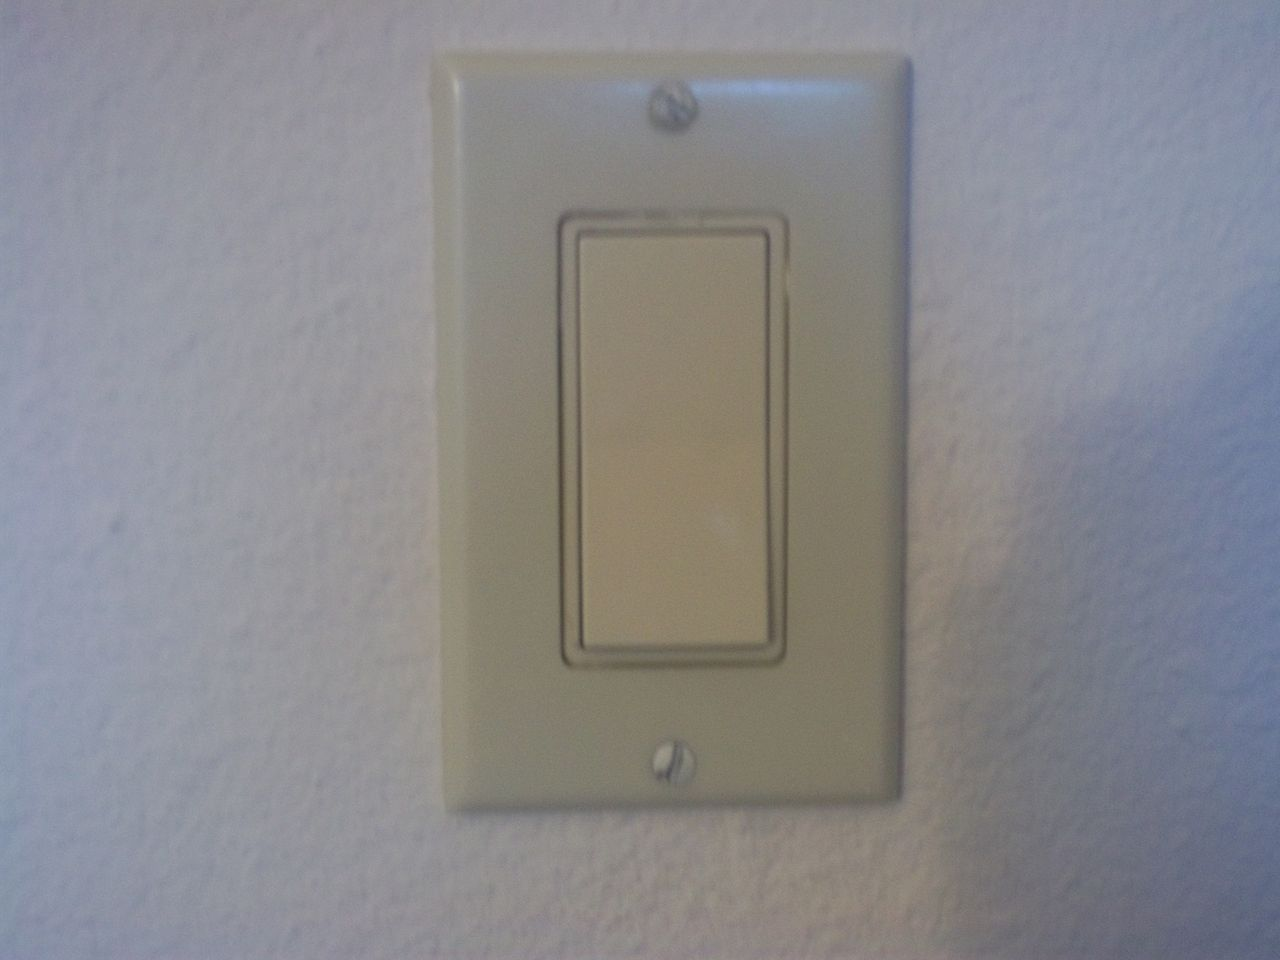 Best File:Rocker light switch 1.jpg - Wikimedia Commons PG36